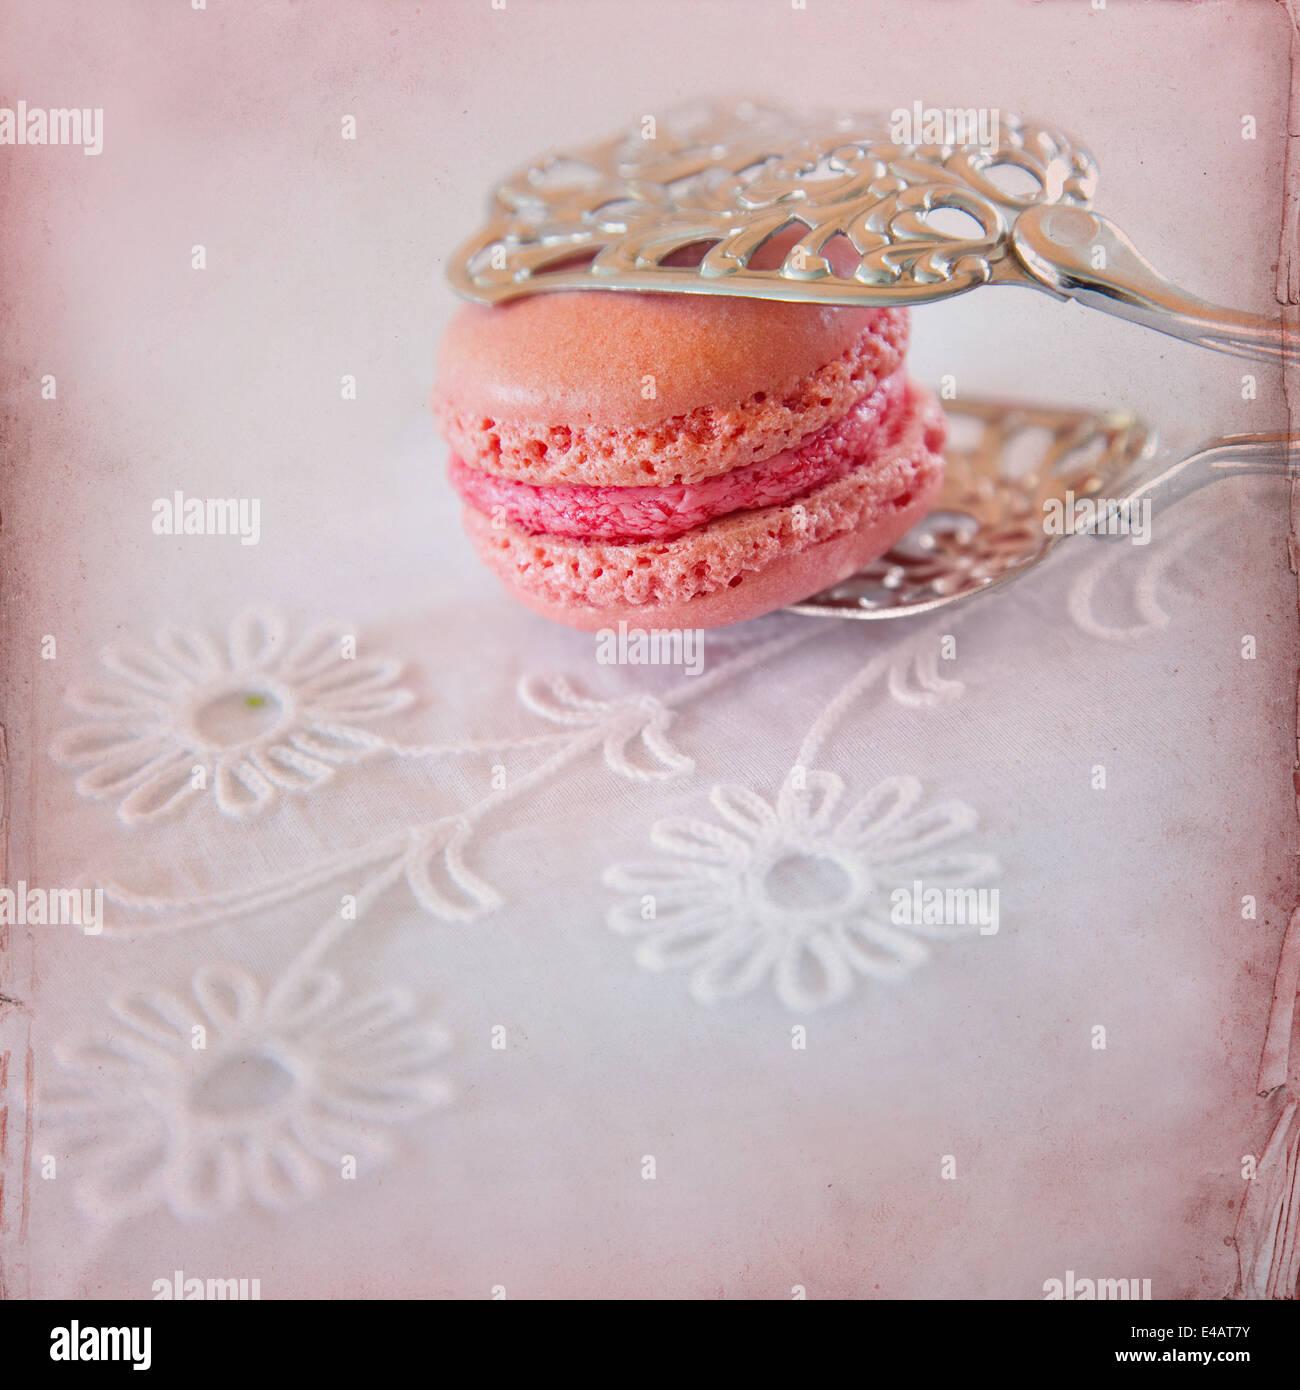 Dolce Macarons sfondo della carta Immagini Stock